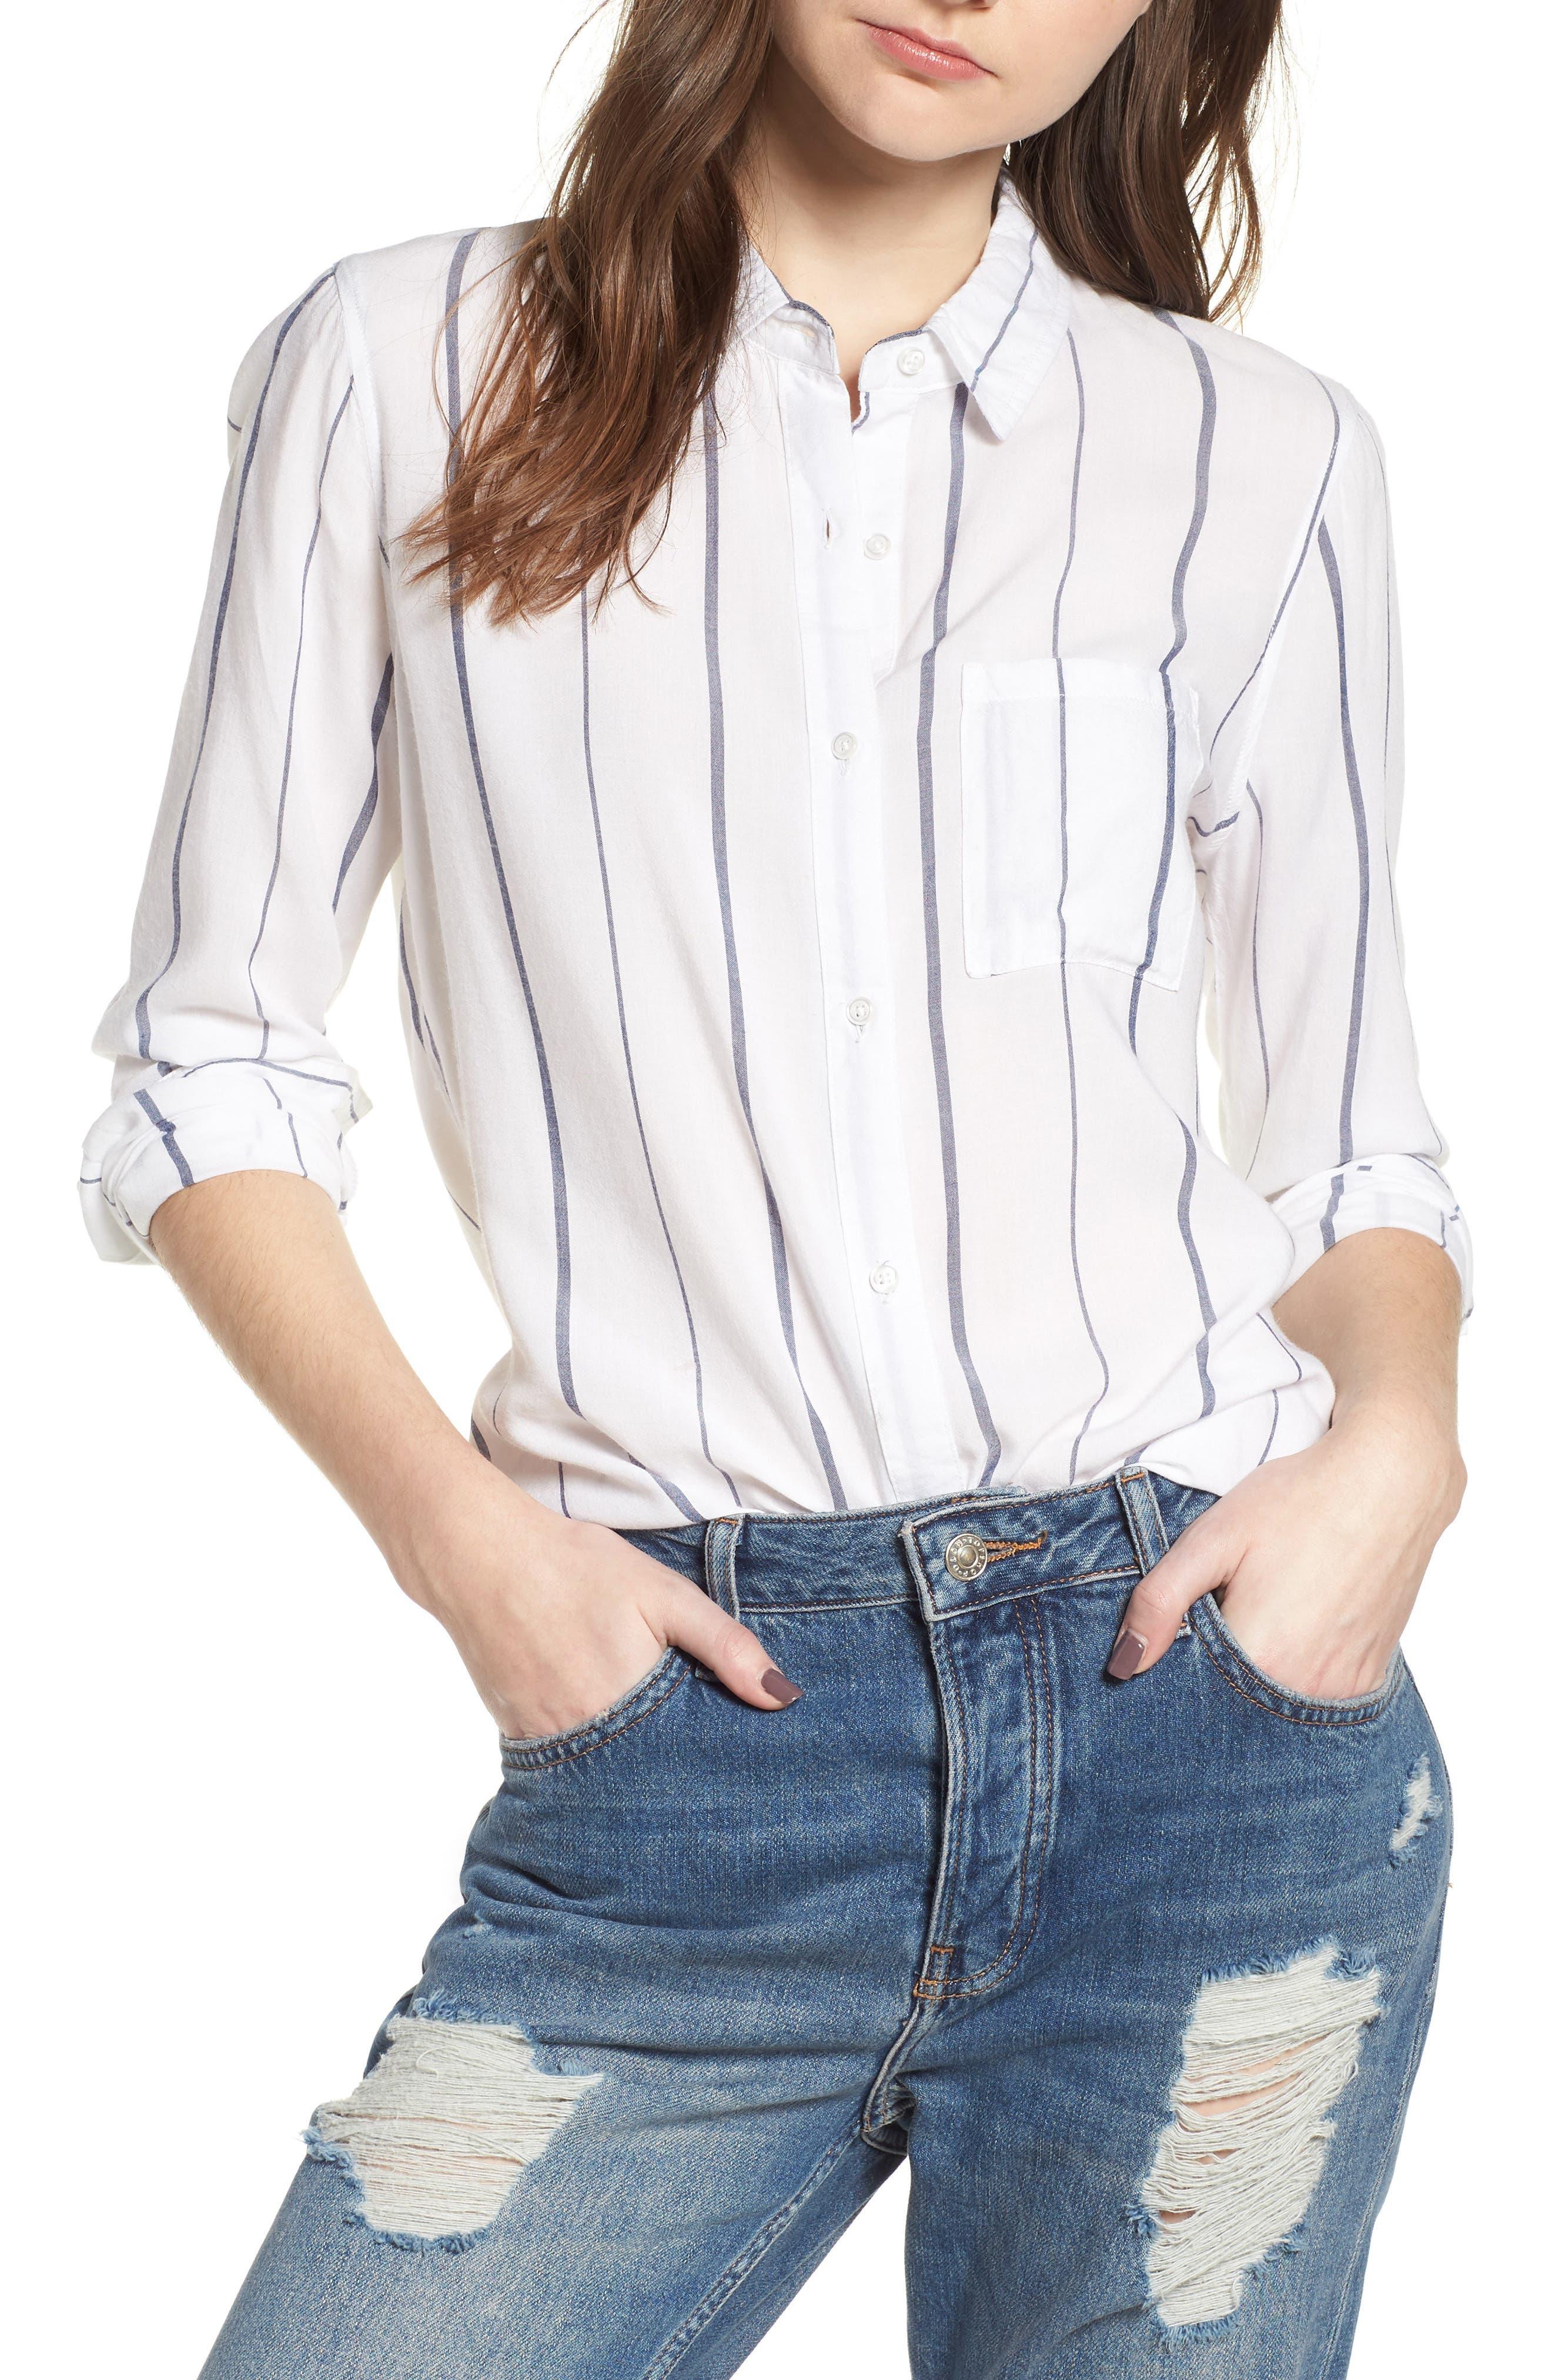 Canyons Stripe Shirt,                             Main thumbnail 1, color,                             100